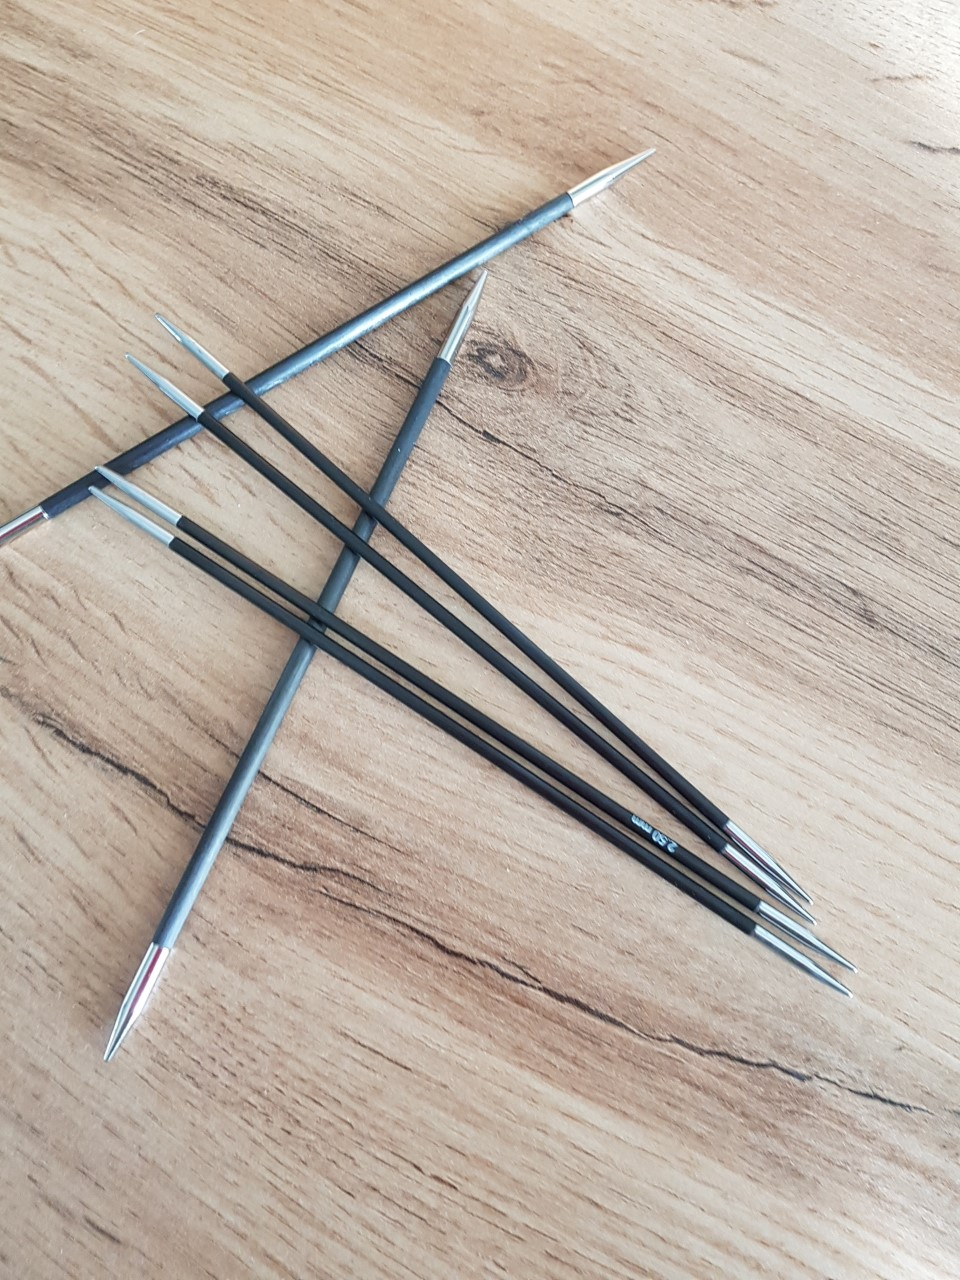 Knit pro Karbonz strumpstickor